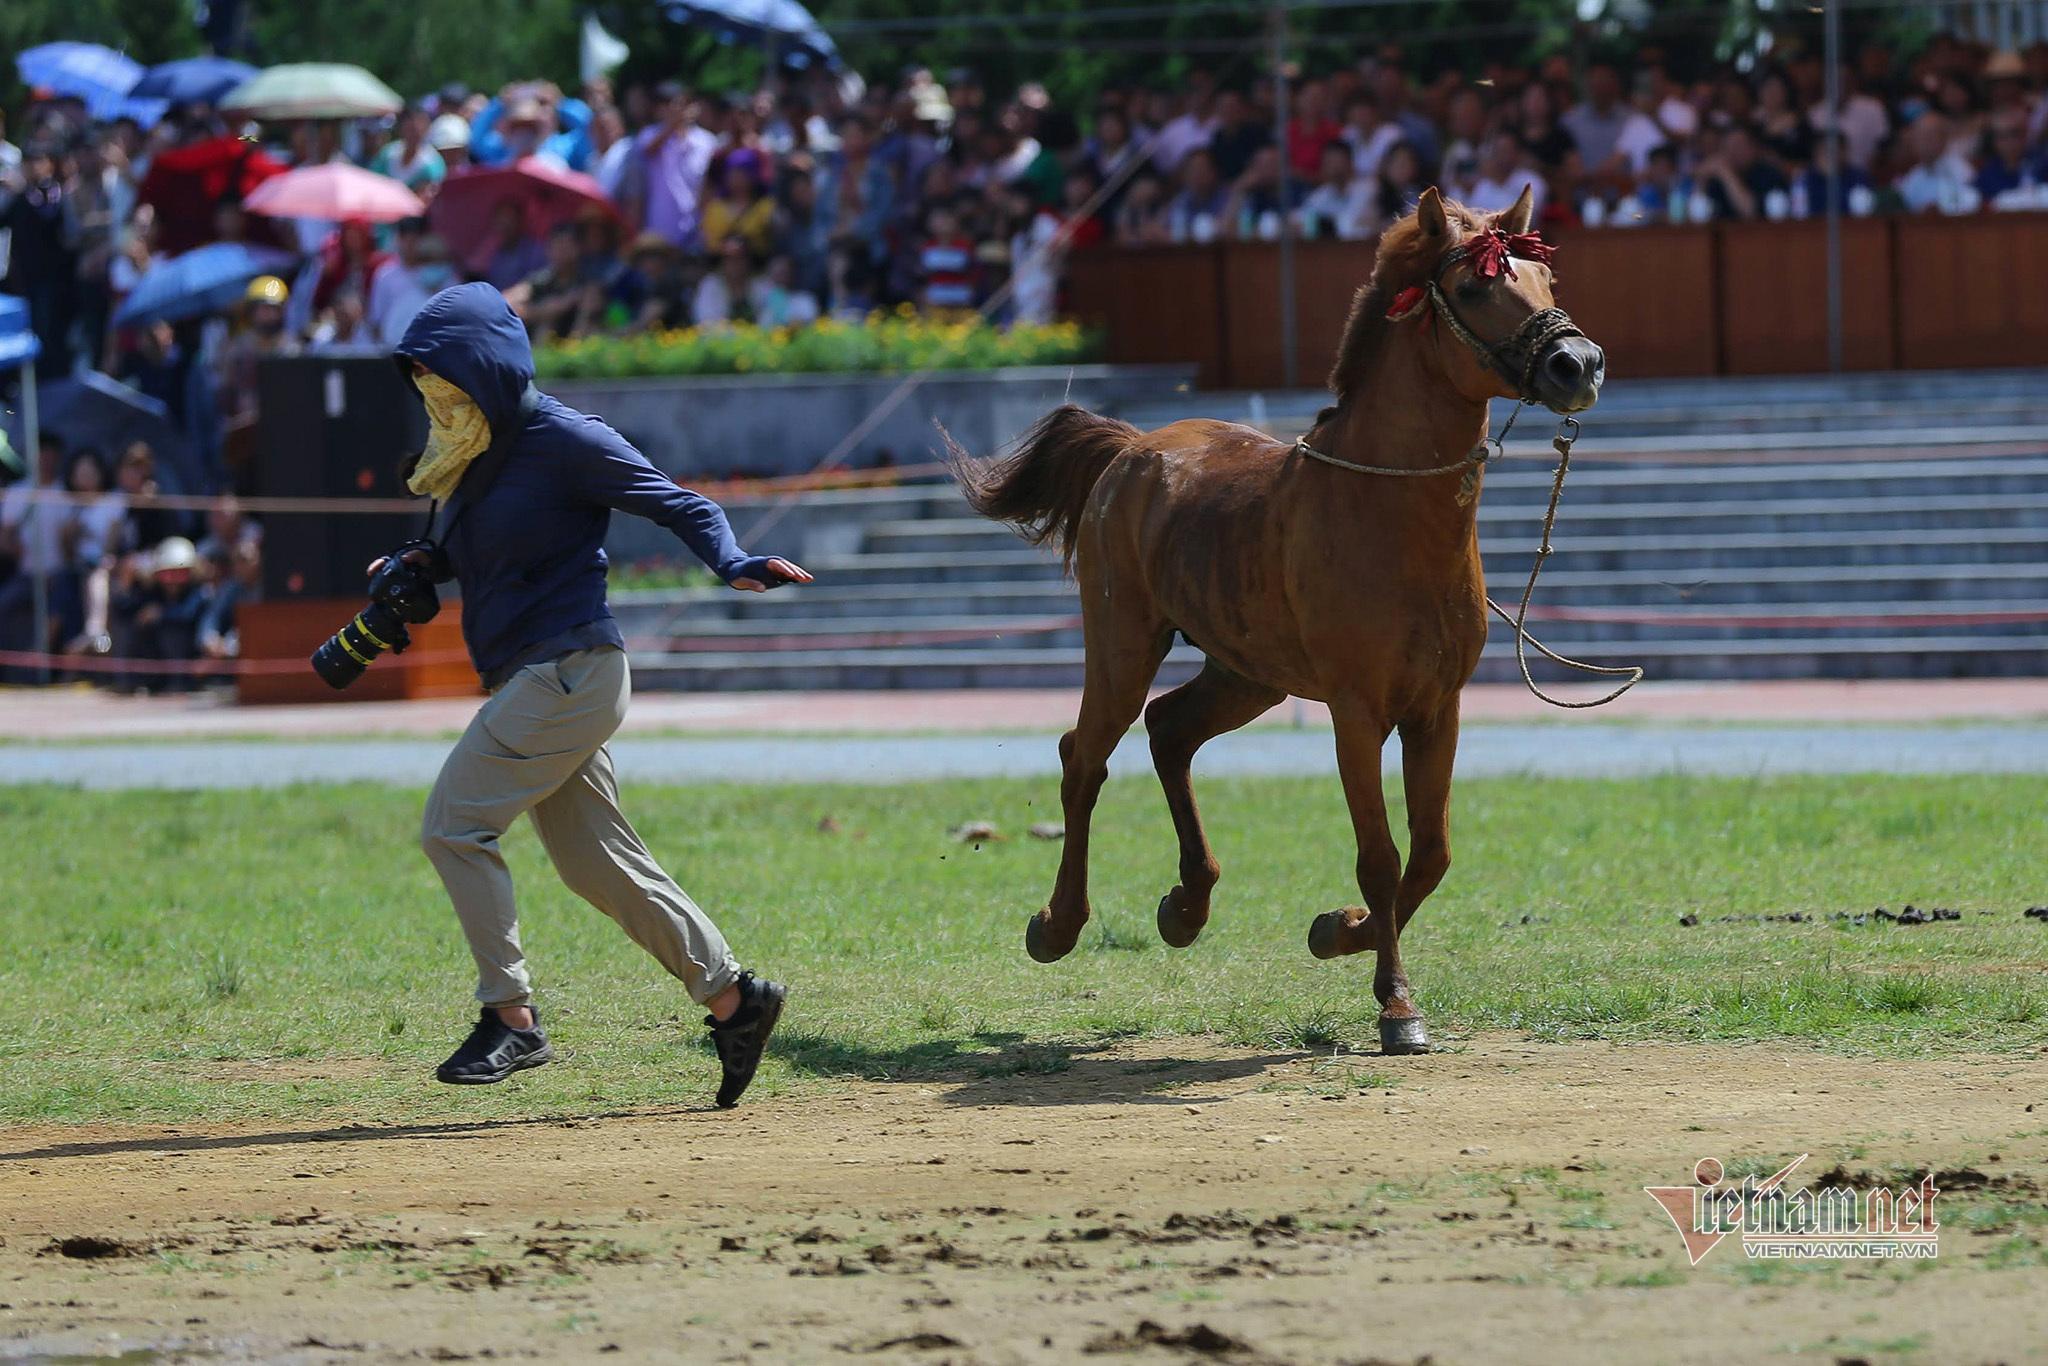 Lễ hội đua ngựa Bắc Hà từ ngày đầu tổ chức đến Di sản Văn hóa - 10